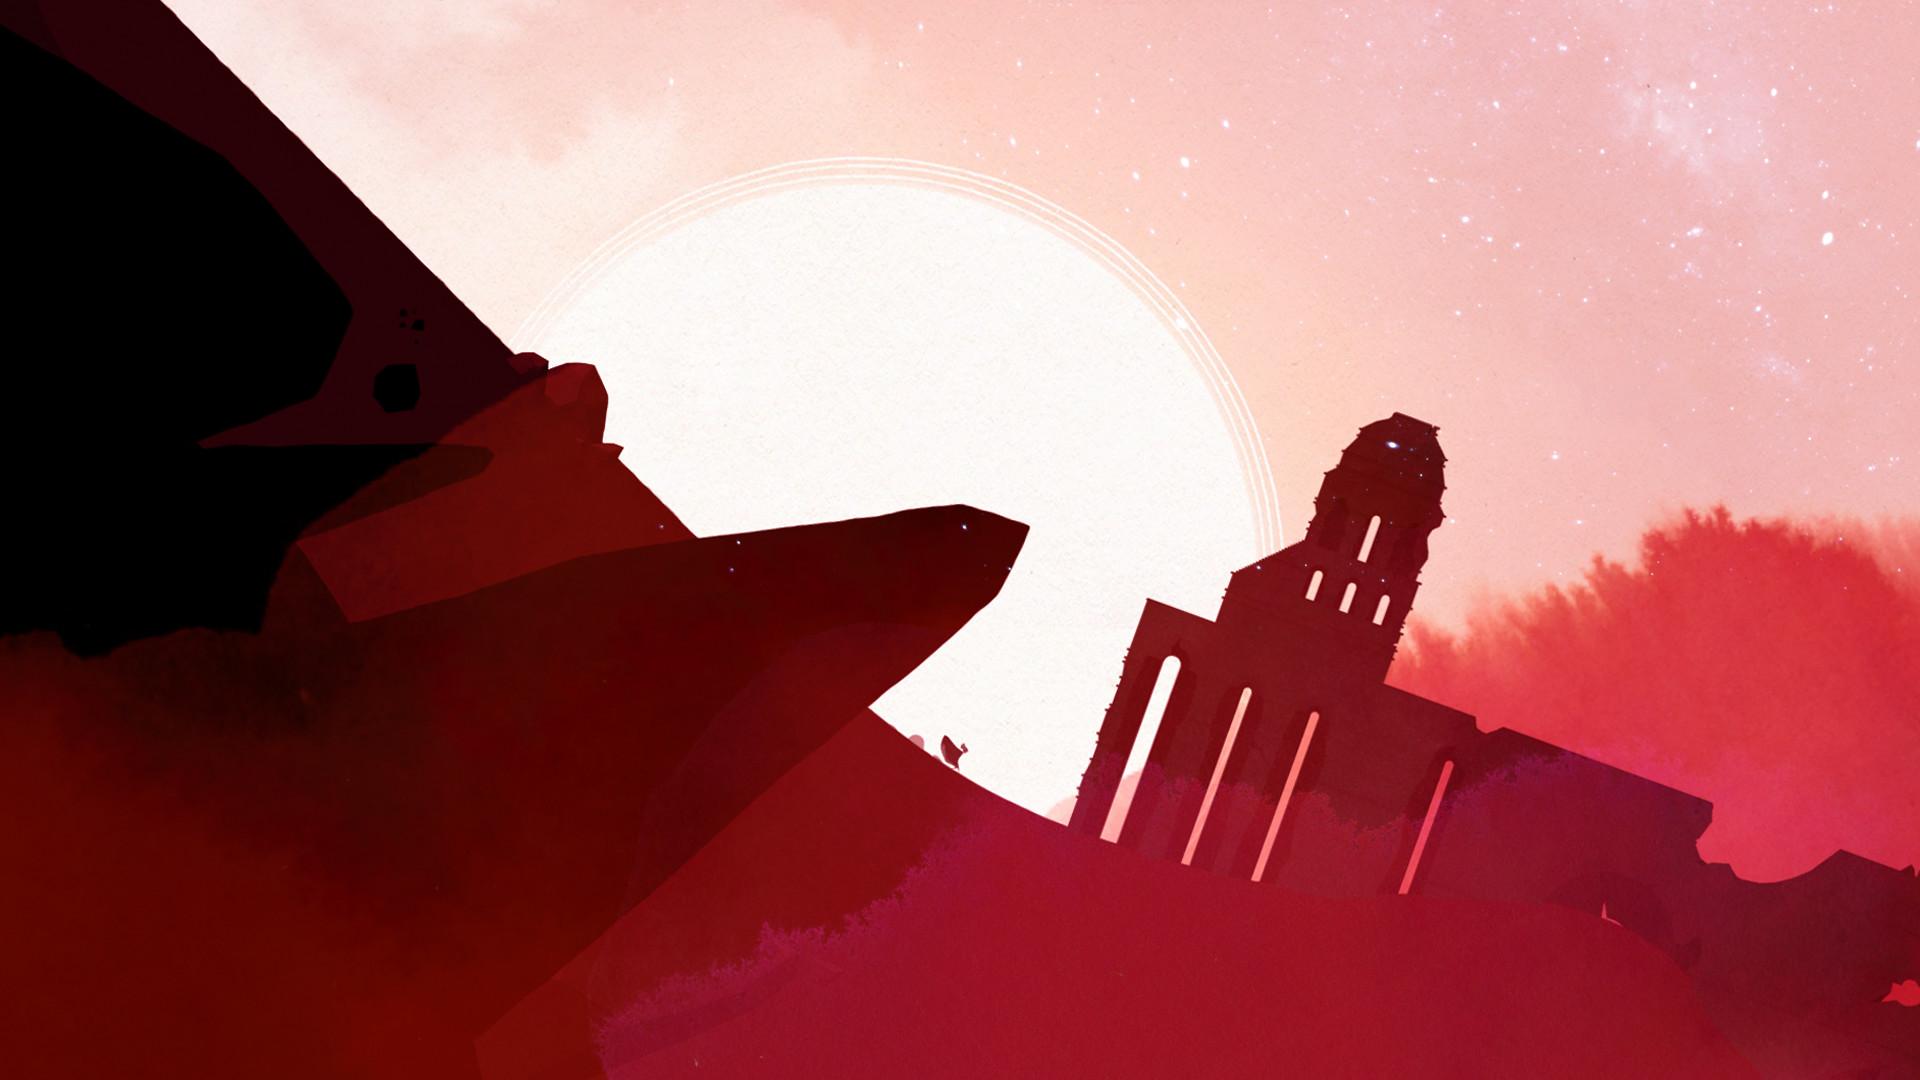 唯美风横版冒险《Gris》8月22日登陆iOS平台图片3